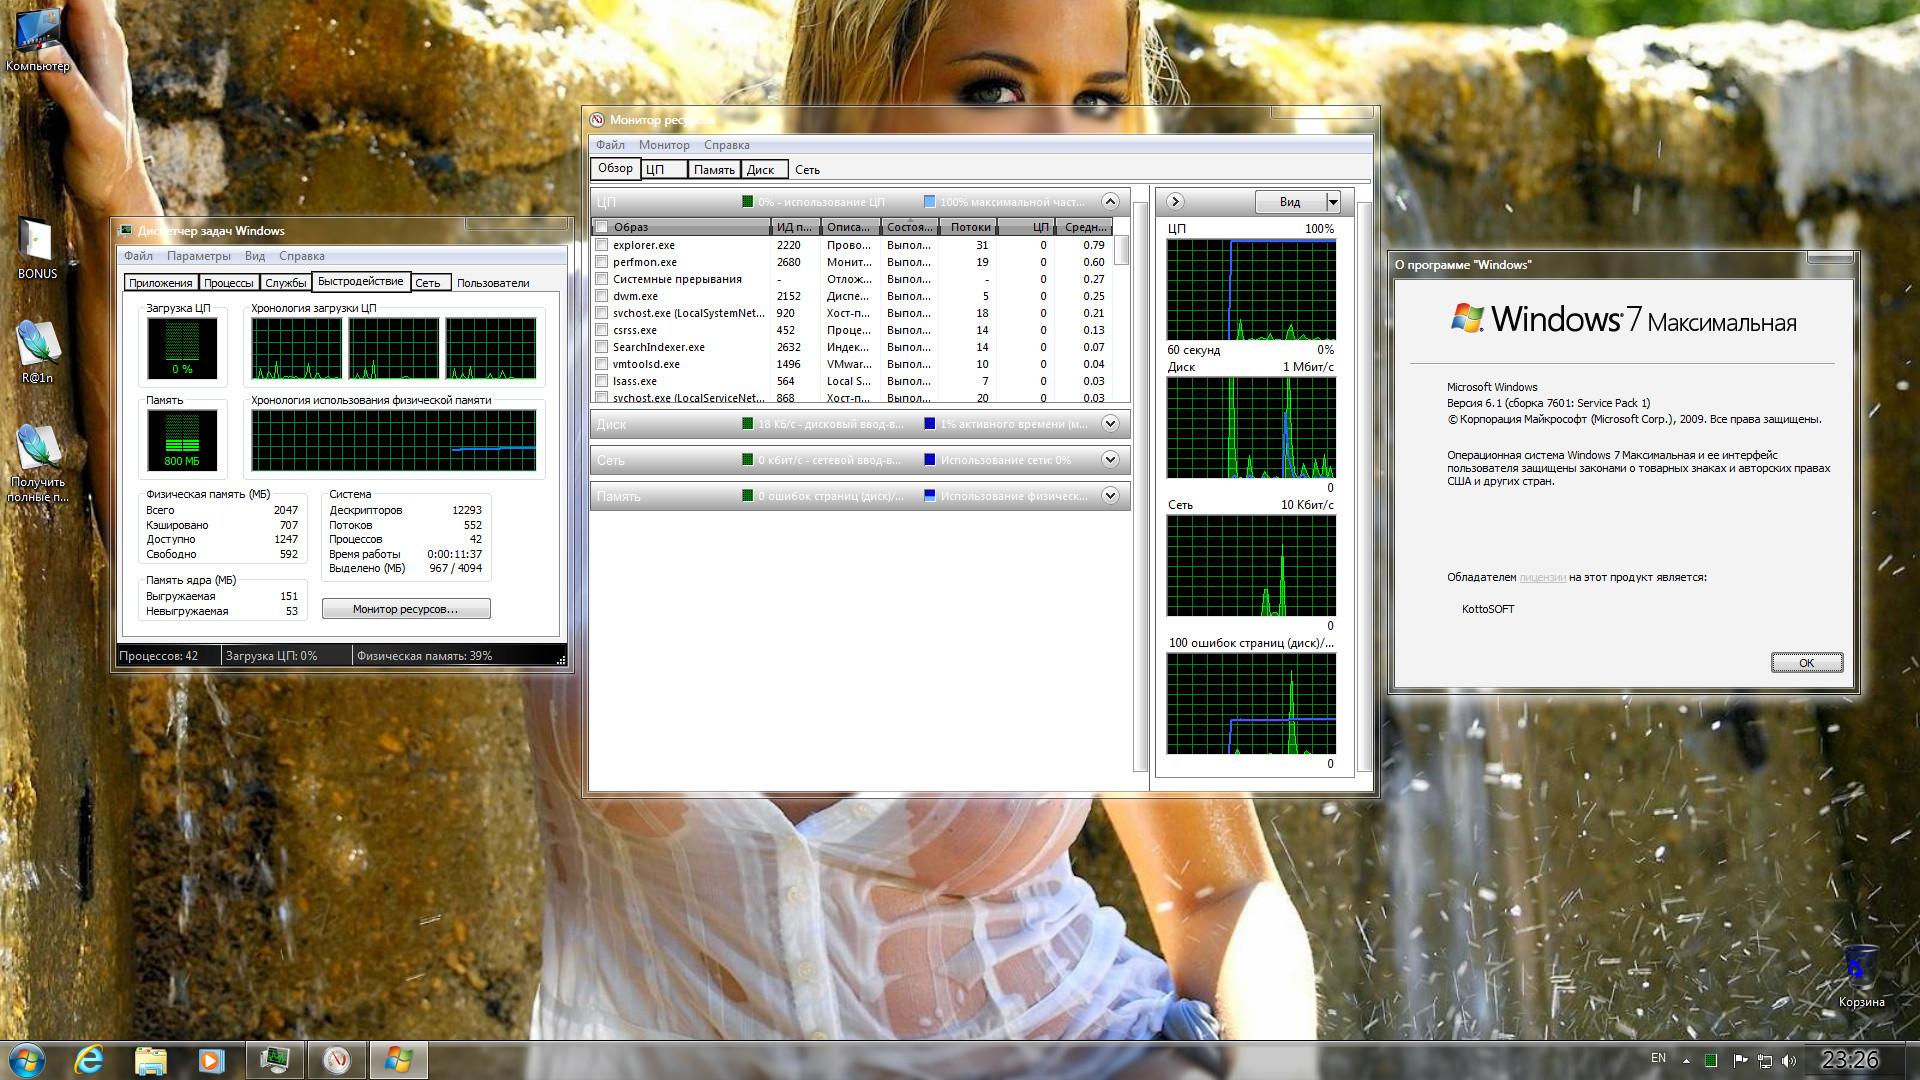 Скачать Loader для Windows 7 64 Bit через торрент